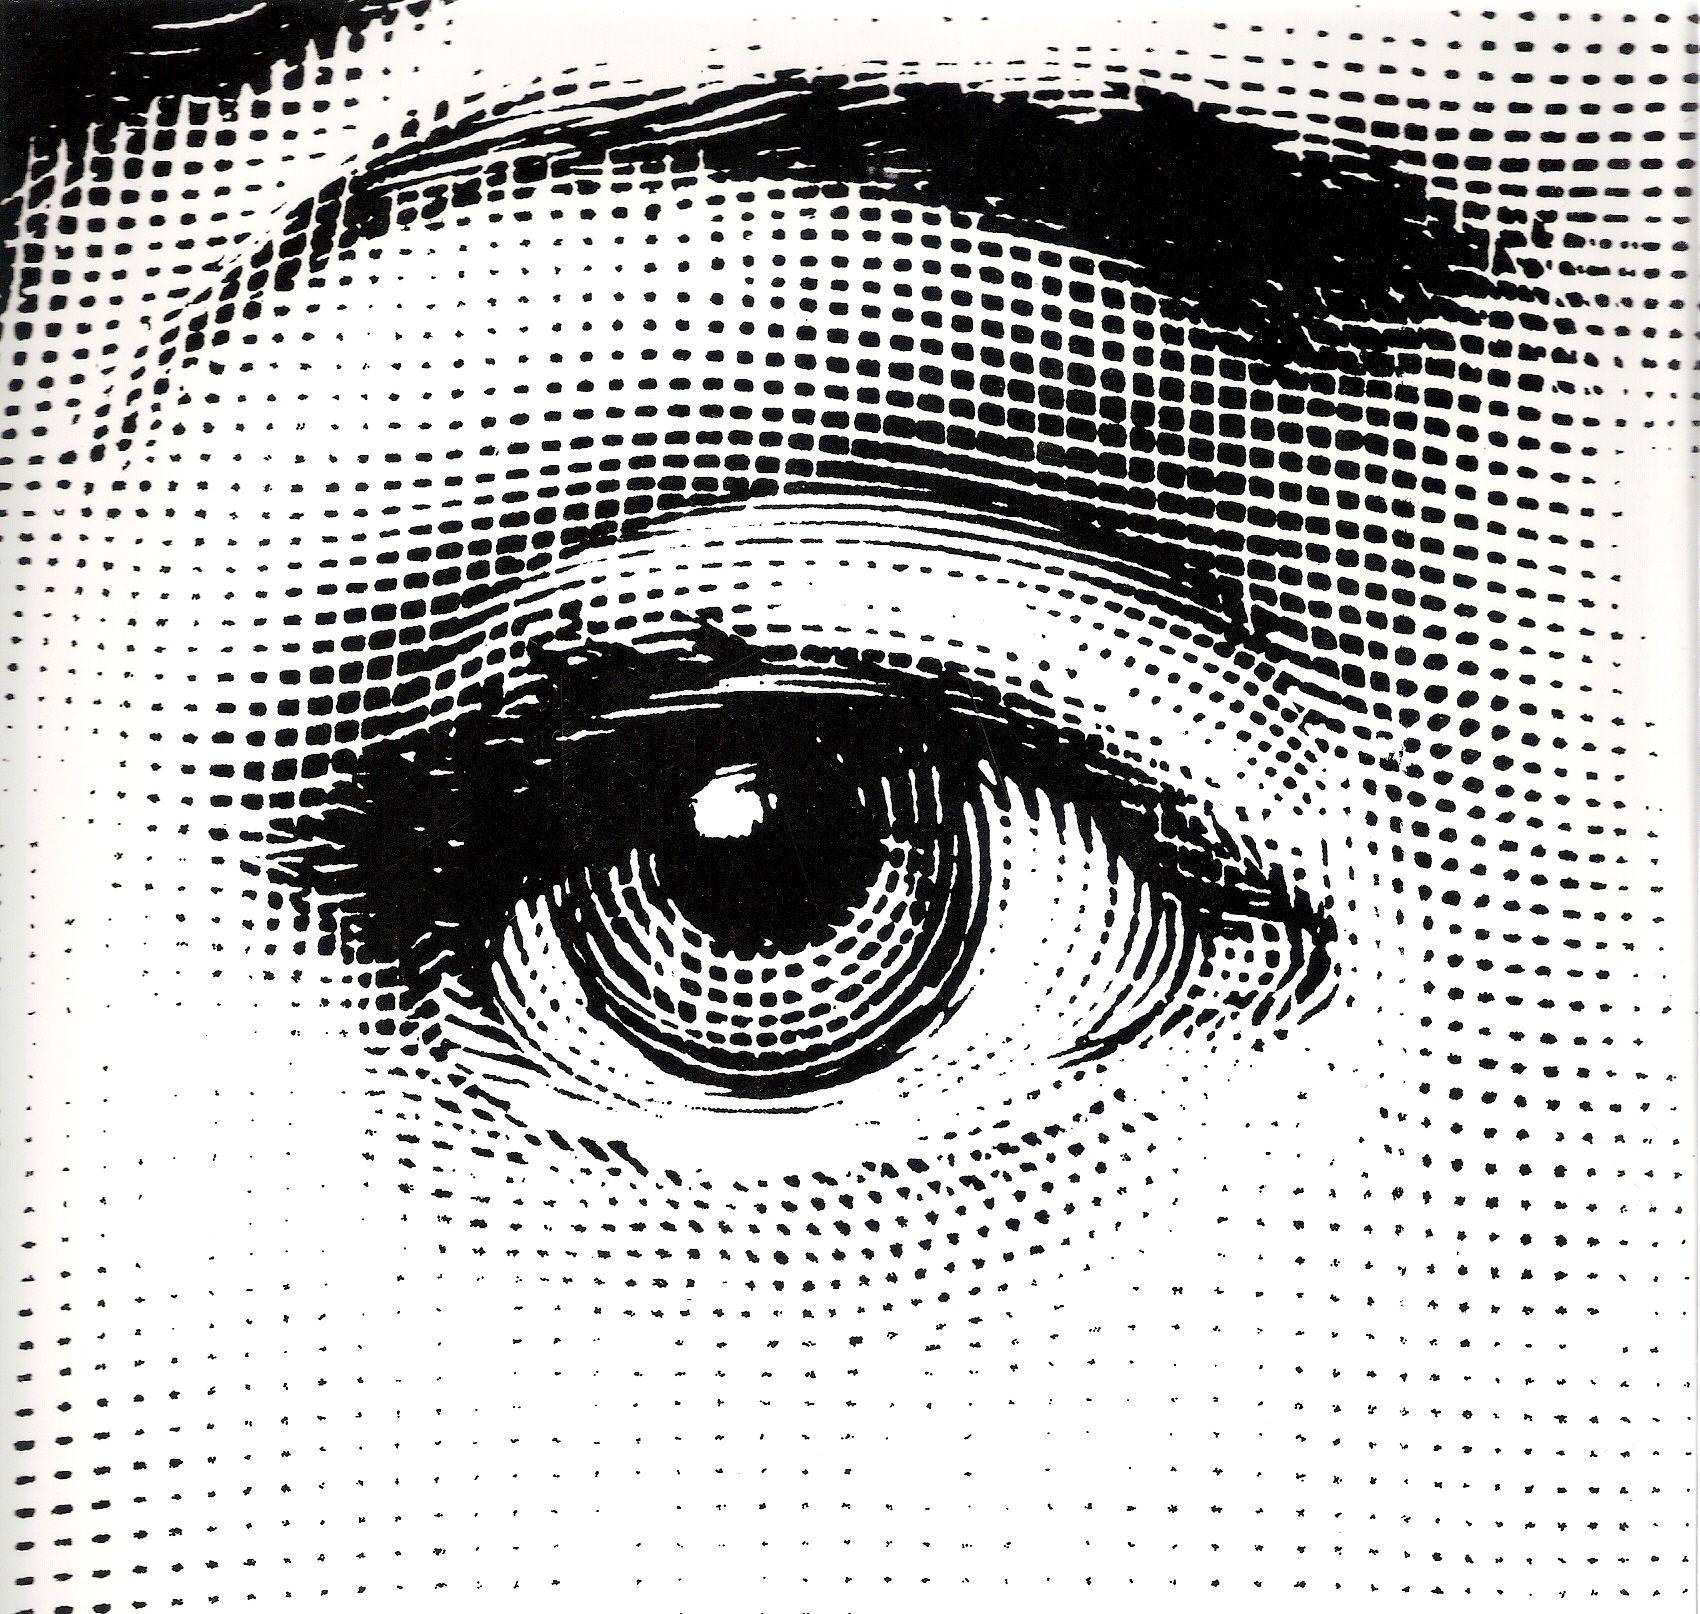 Fornasetti Art Prints Mostrar No Demostrar Google Search Google And Piero Fornasetti